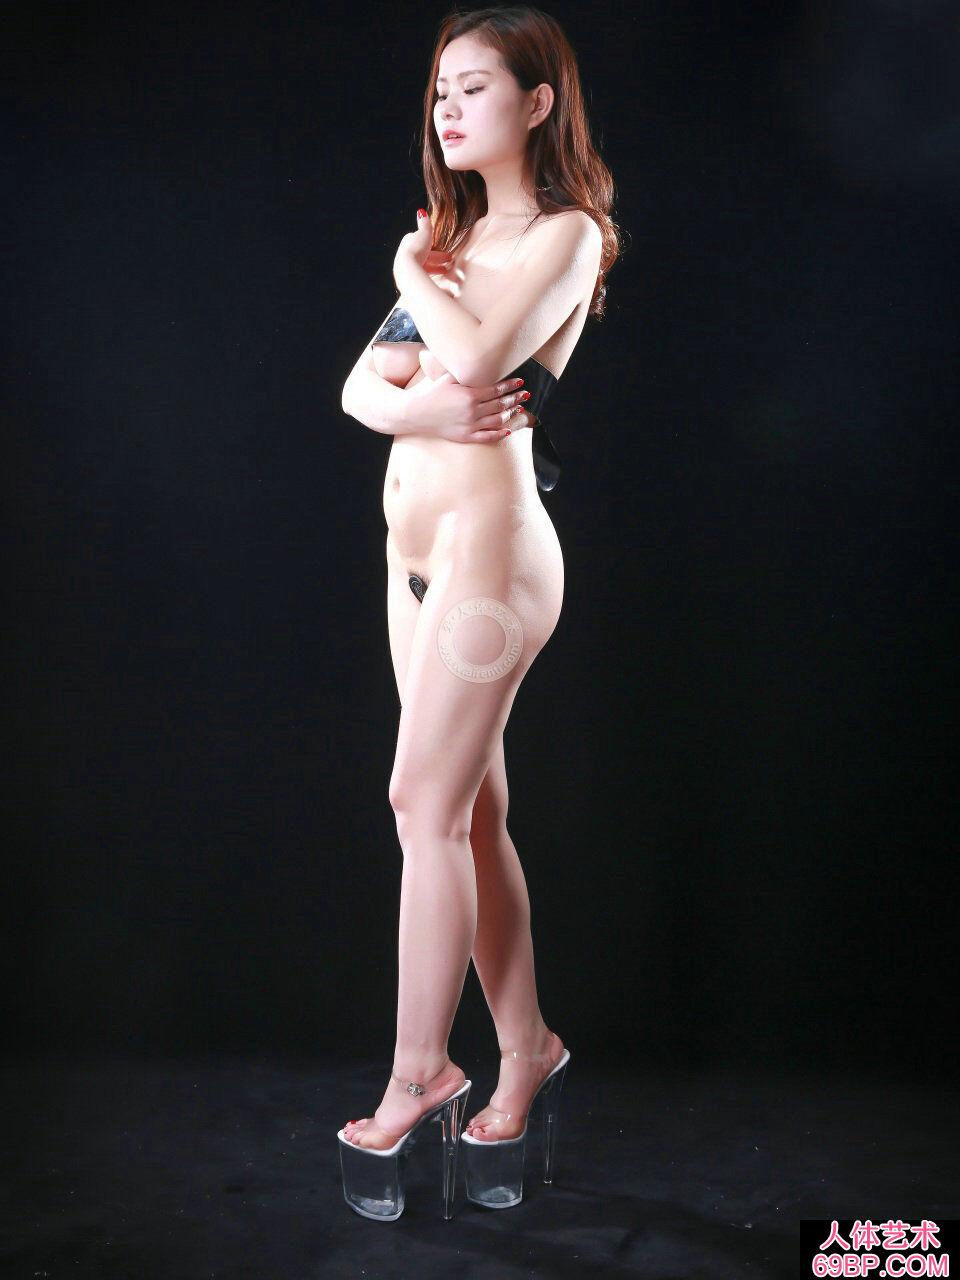 黑色背景棚拍裸模阿玉胶带裹胸人体写照